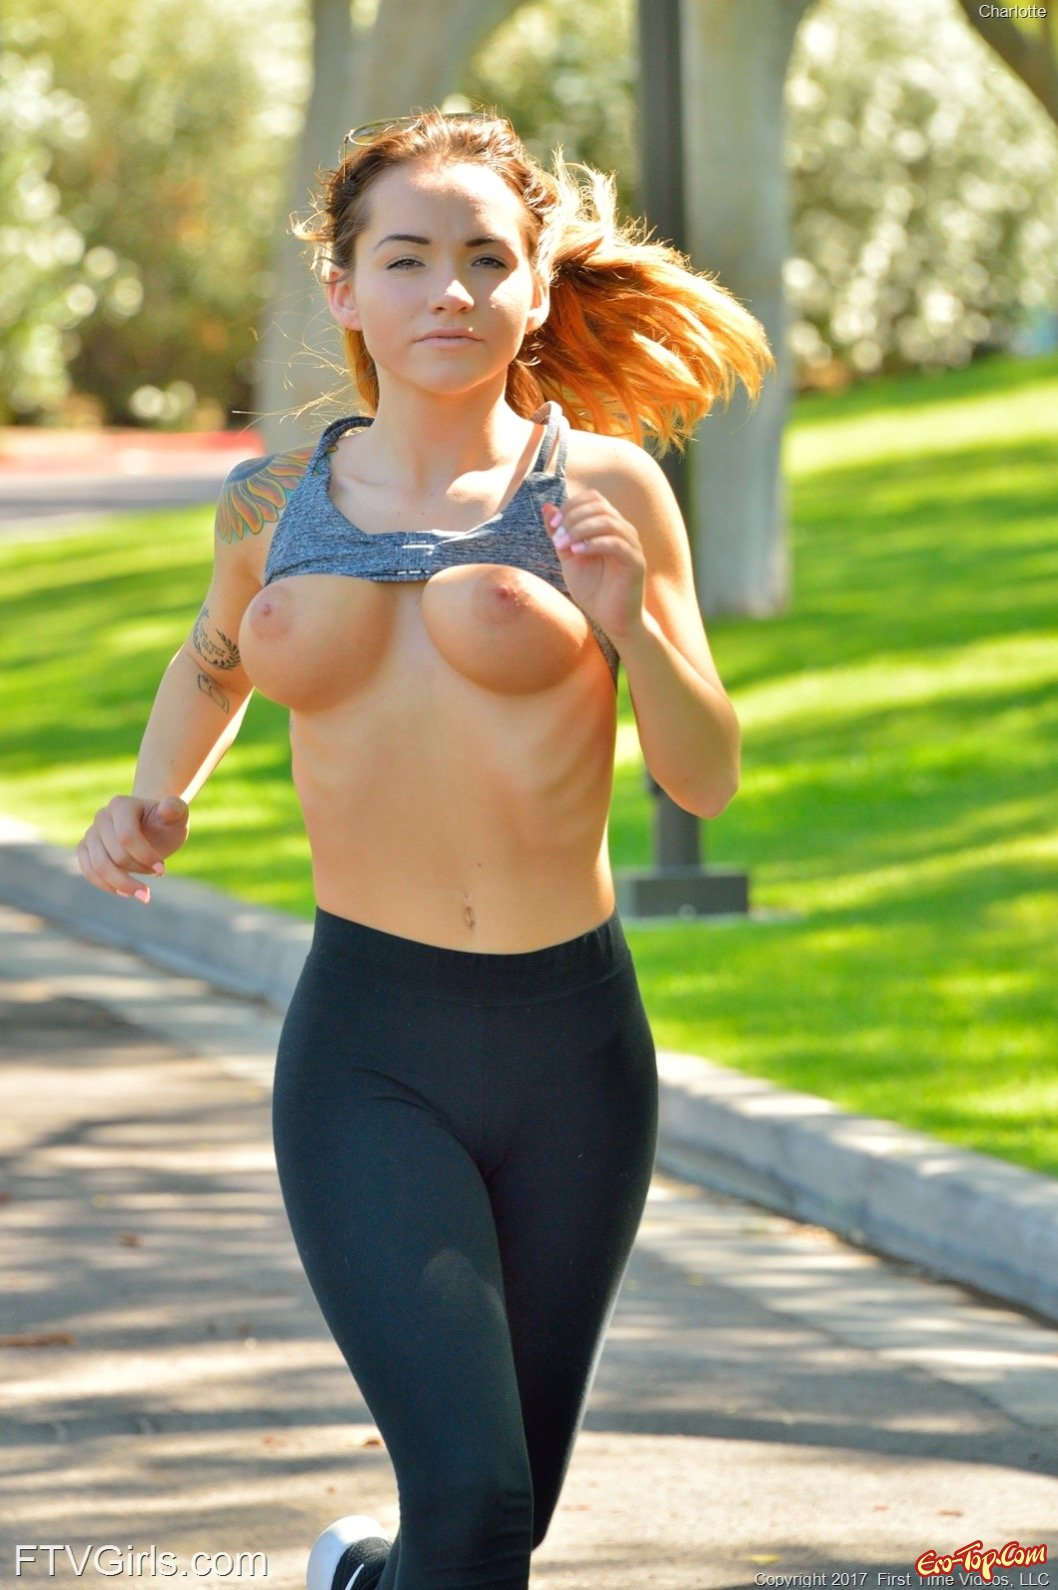 Сексуальная бегунья показала грудь и попку